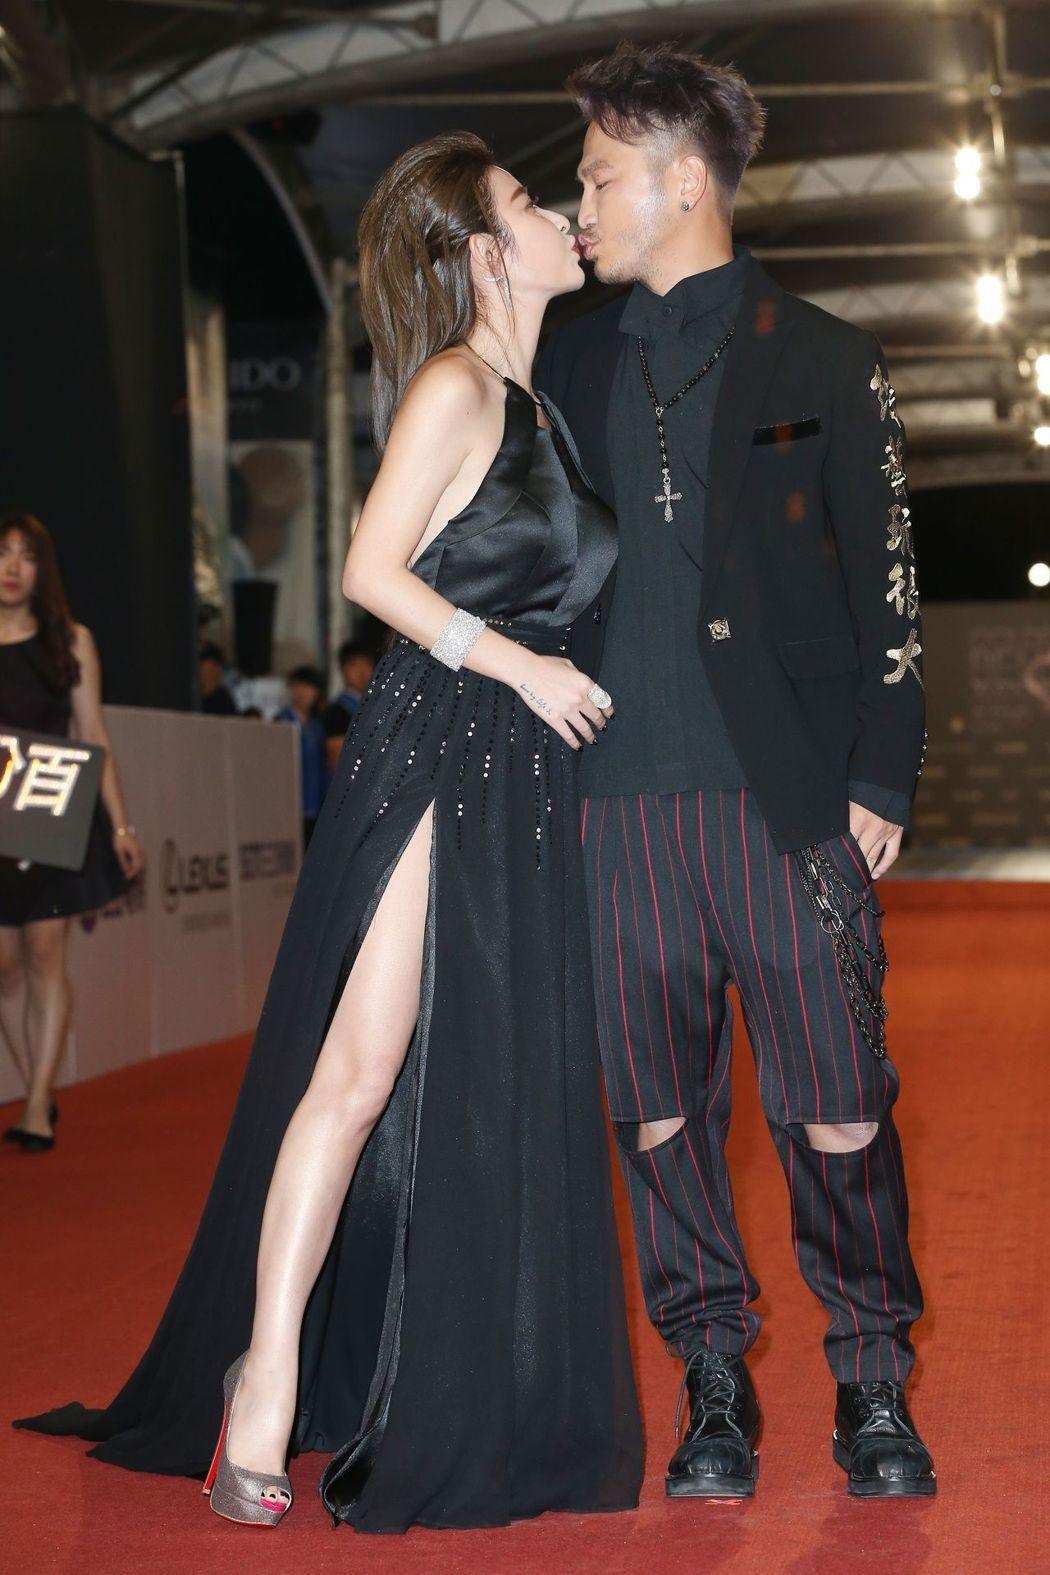 與男友Kid一同現身的許維恩也以黑色禮服大秀美腿。記者陳立凱/攝影